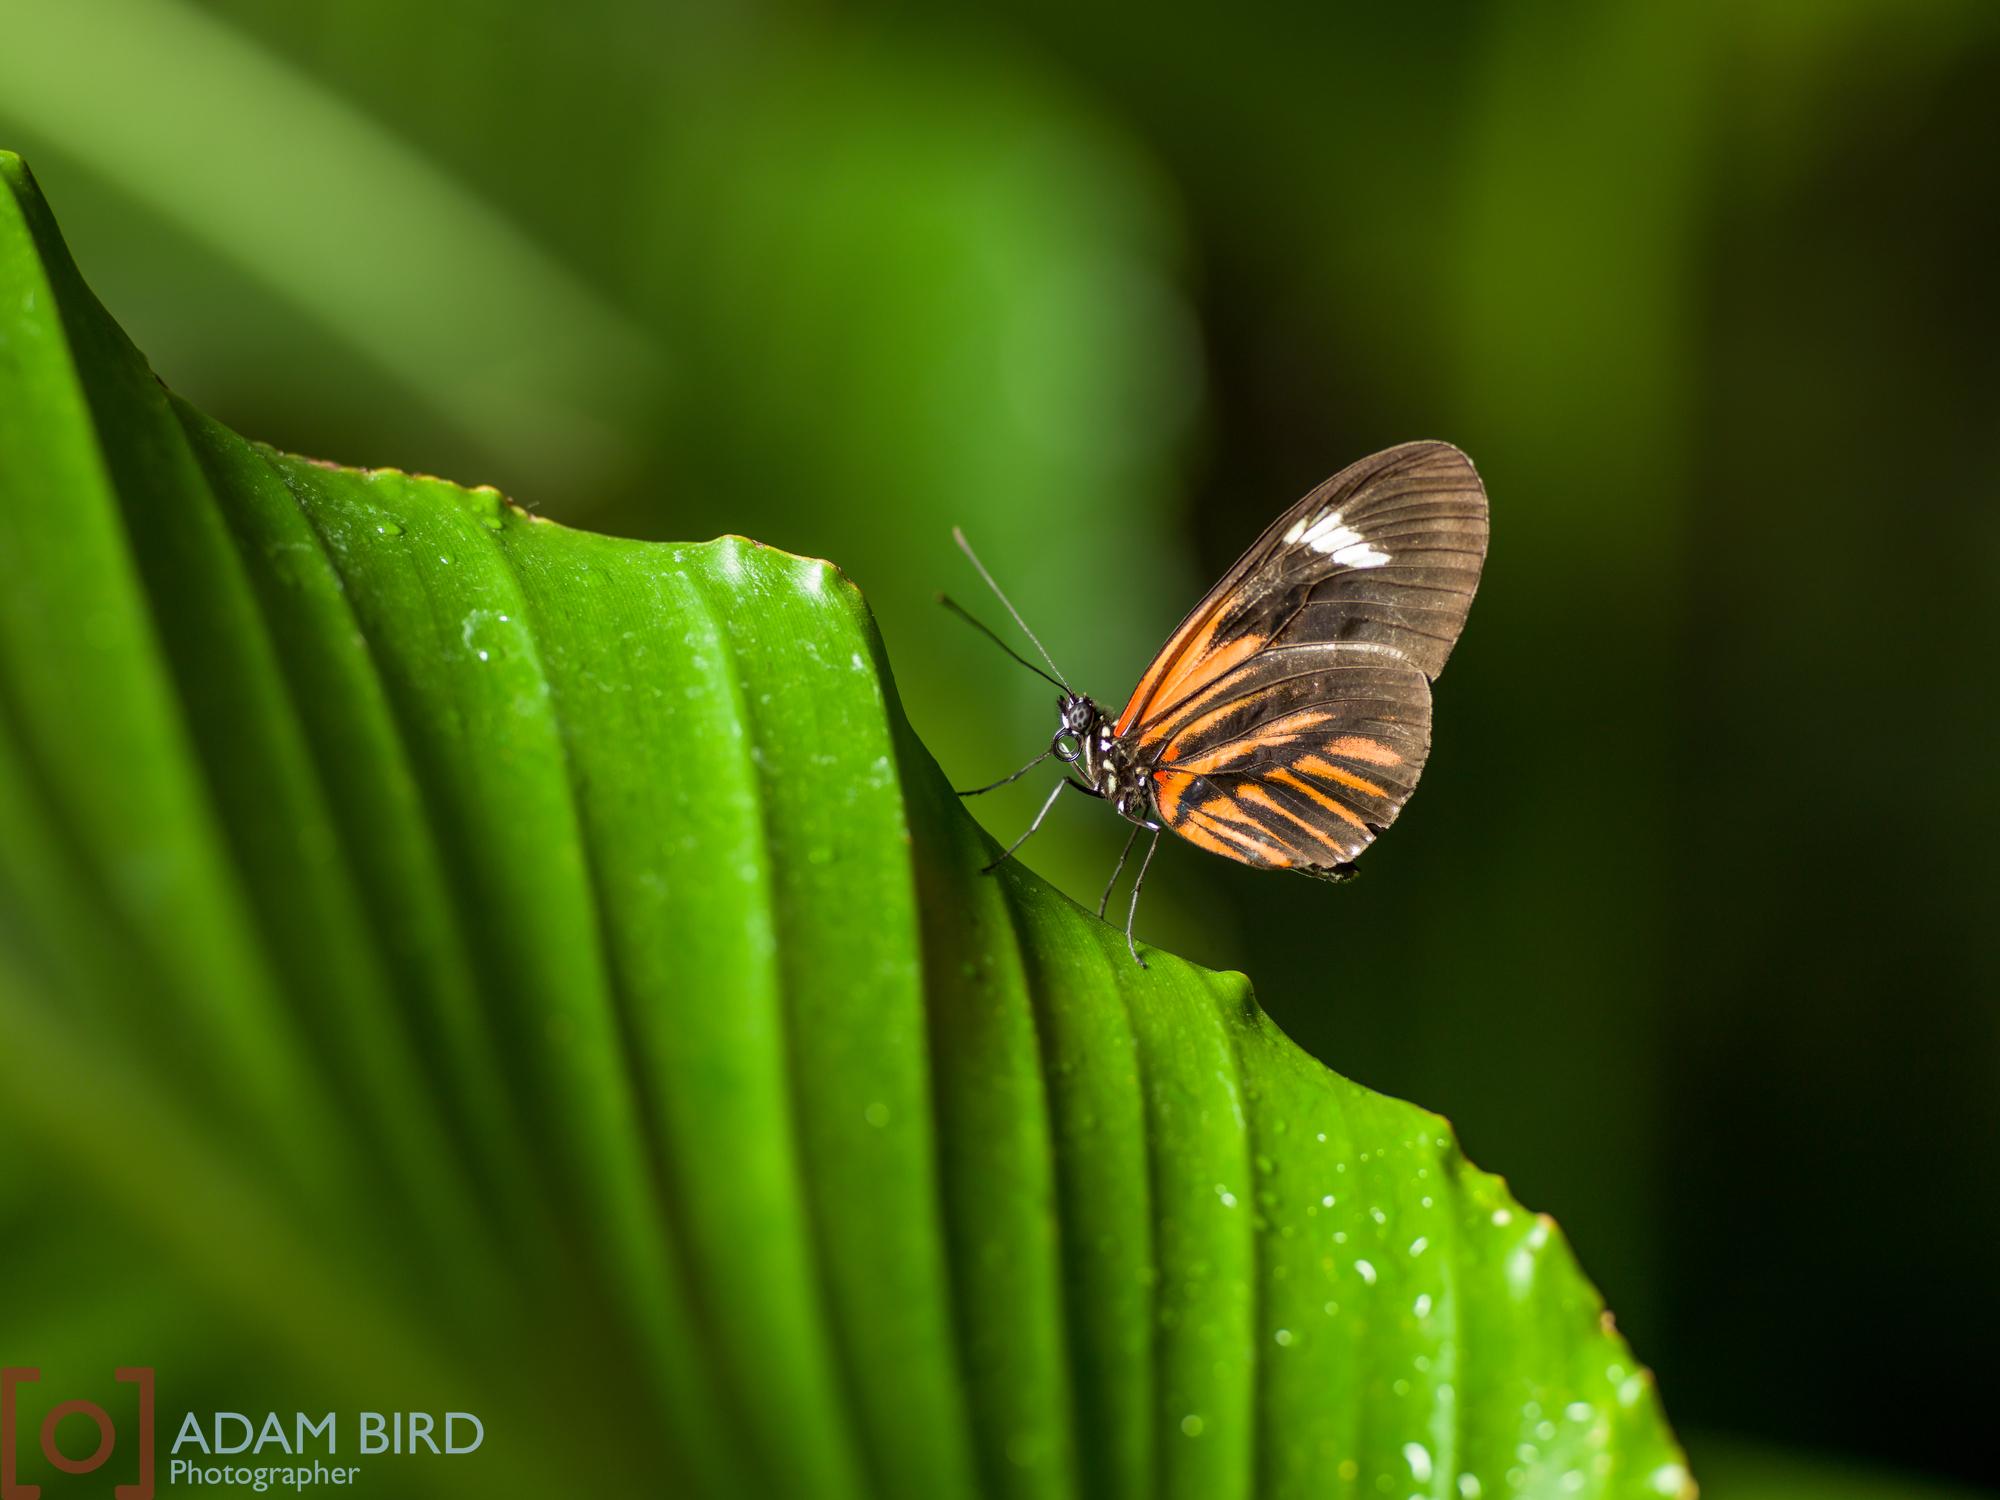 frederik_meijer_butterflies011.JPG